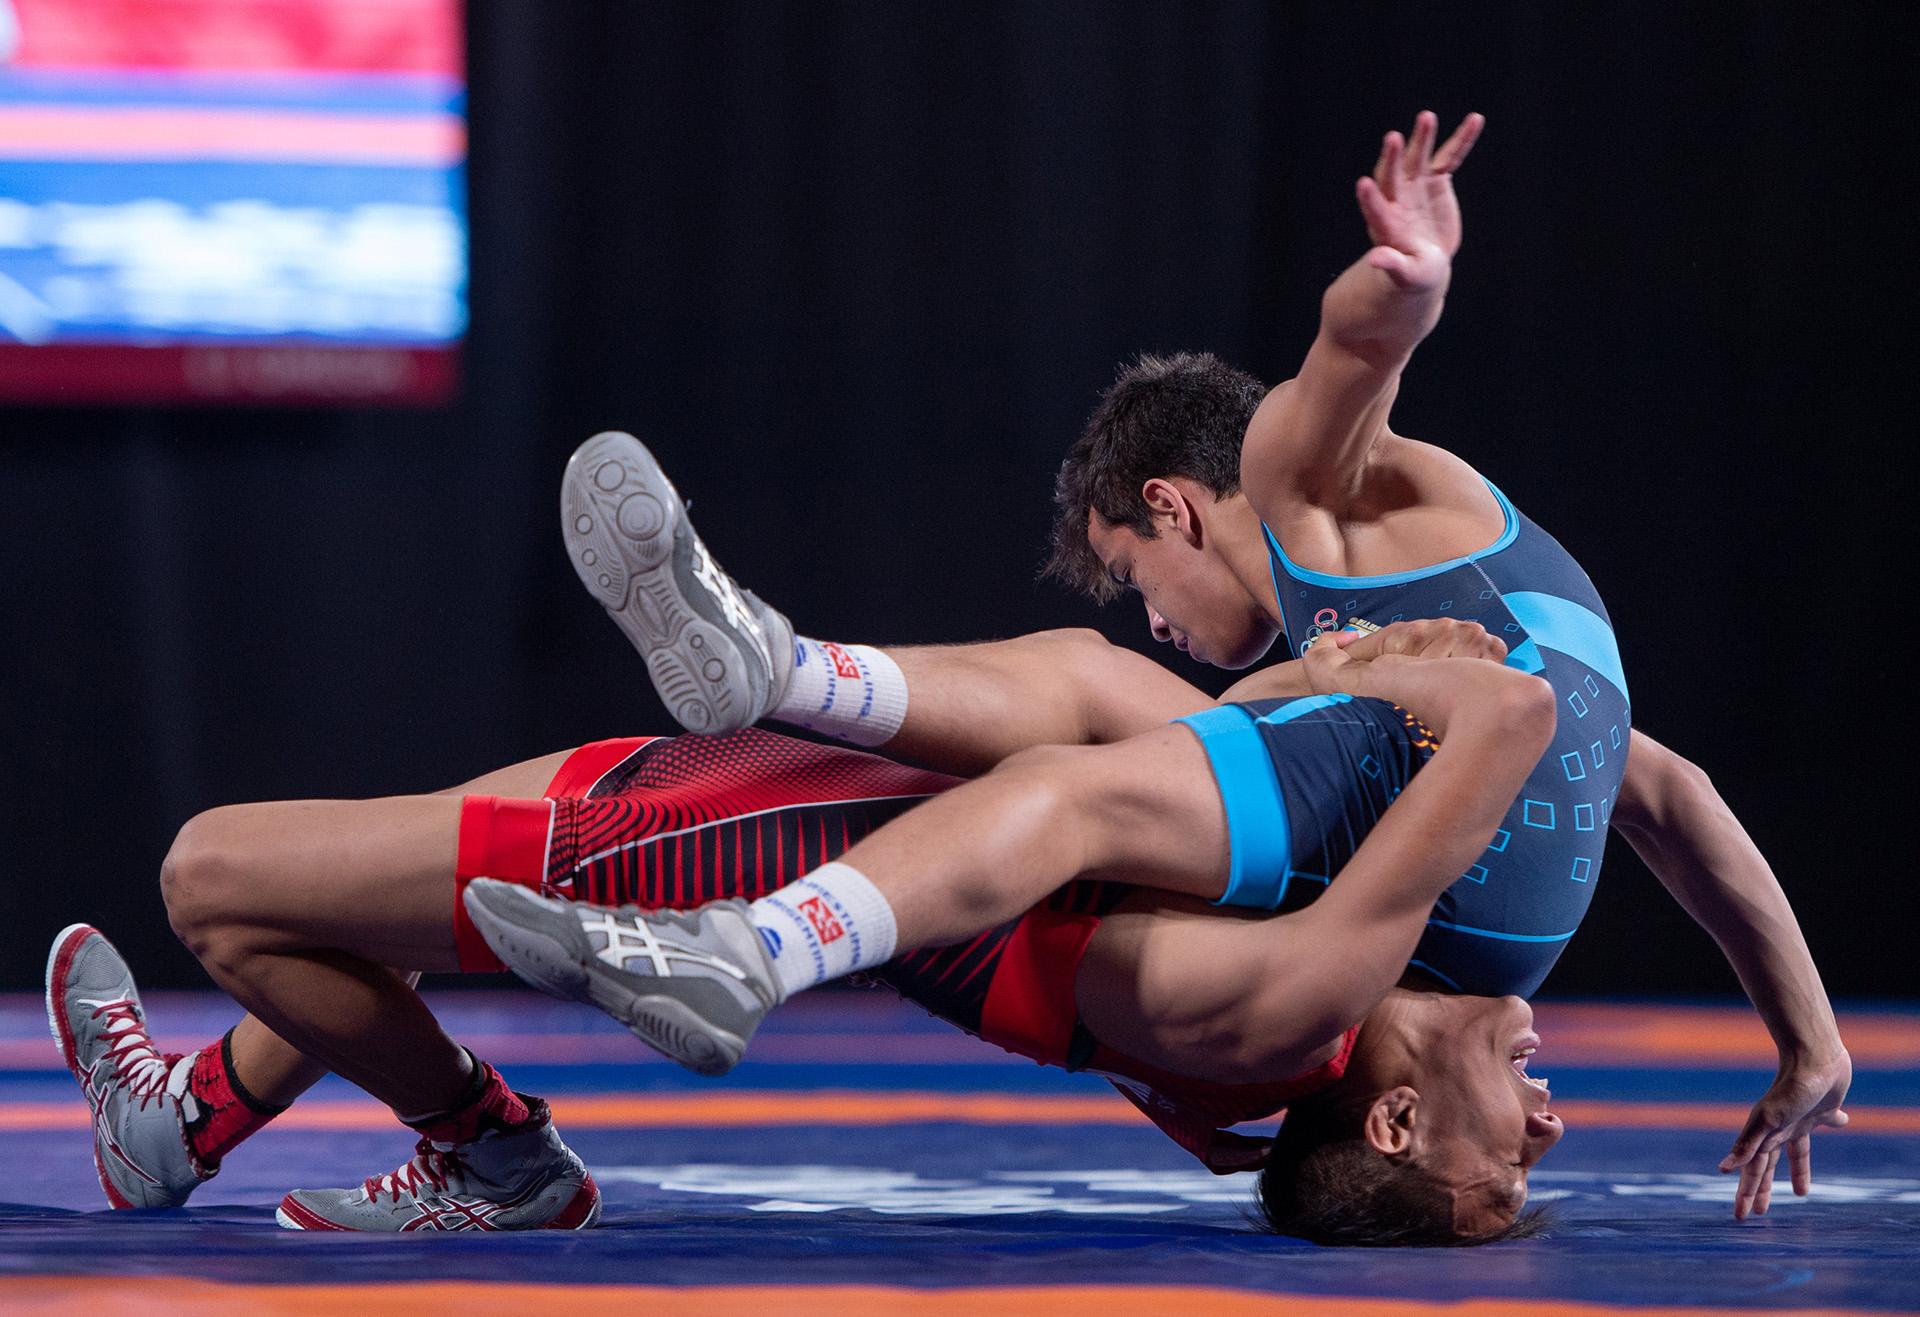 El mexicano Axel Andre Salas Esquivel, de rojo,lucha ante el argentinoEduardo Lovera, de azul en la categoría hasta 51kilos(Foto:REUTERS)